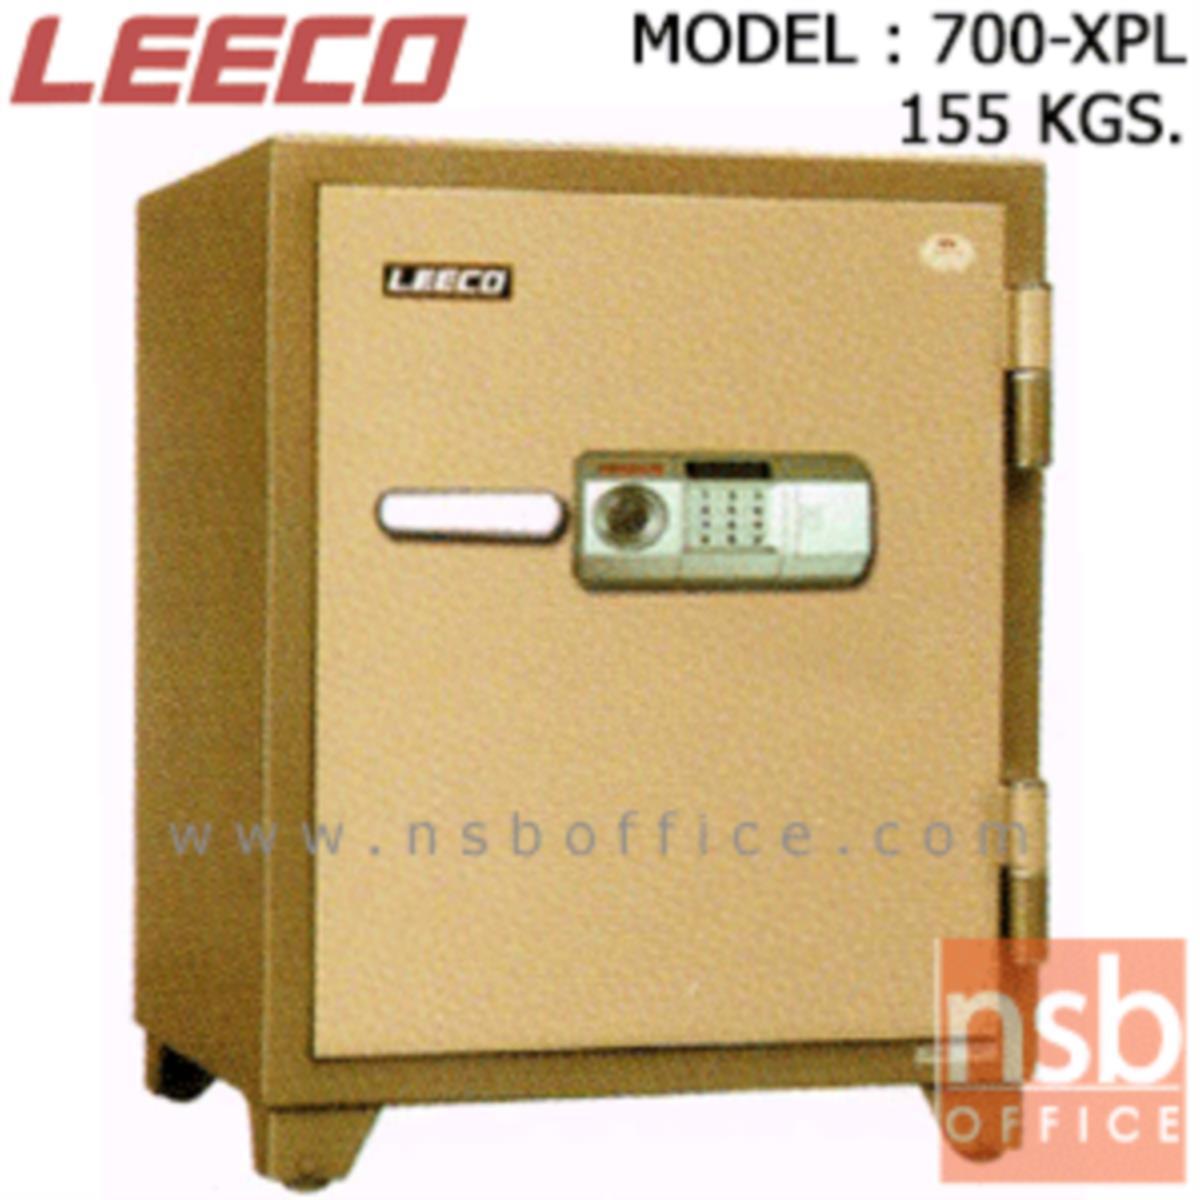 F02A020:ตู้เซฟนิรภัยระบบดิจิตอล 155 กก.  LEECO-700-XPL